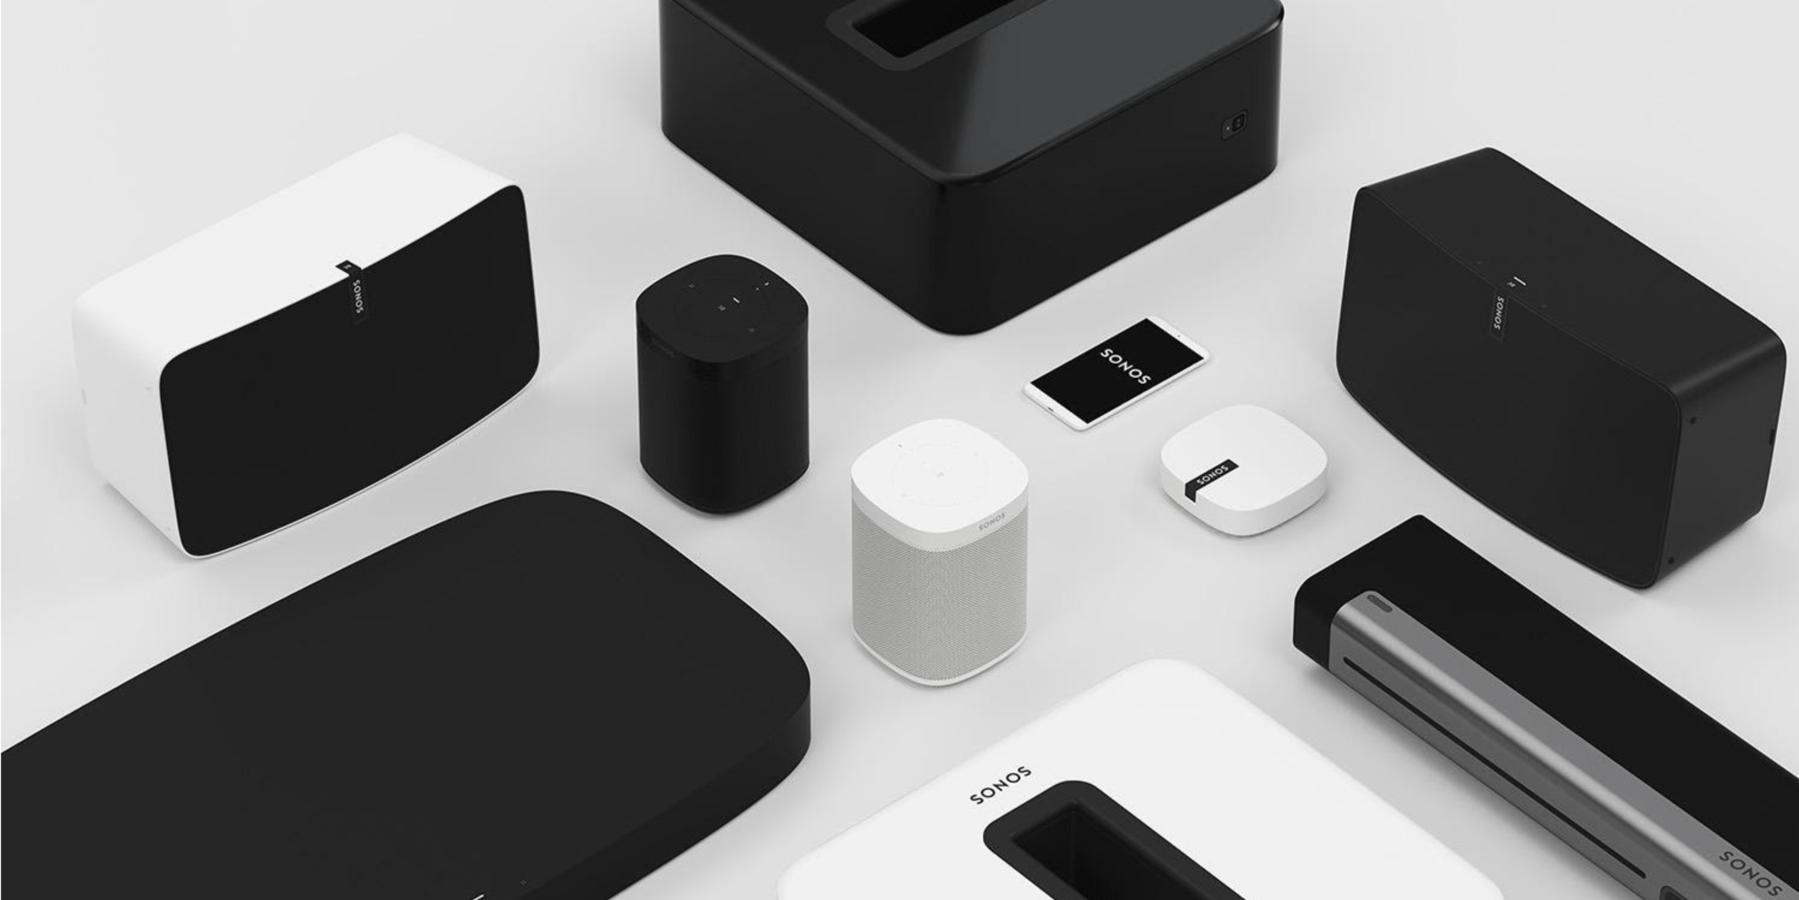 Sonos Aktie - Produktpalette von Sonos im Überblick - Speaker Soundbar Lautsprecher